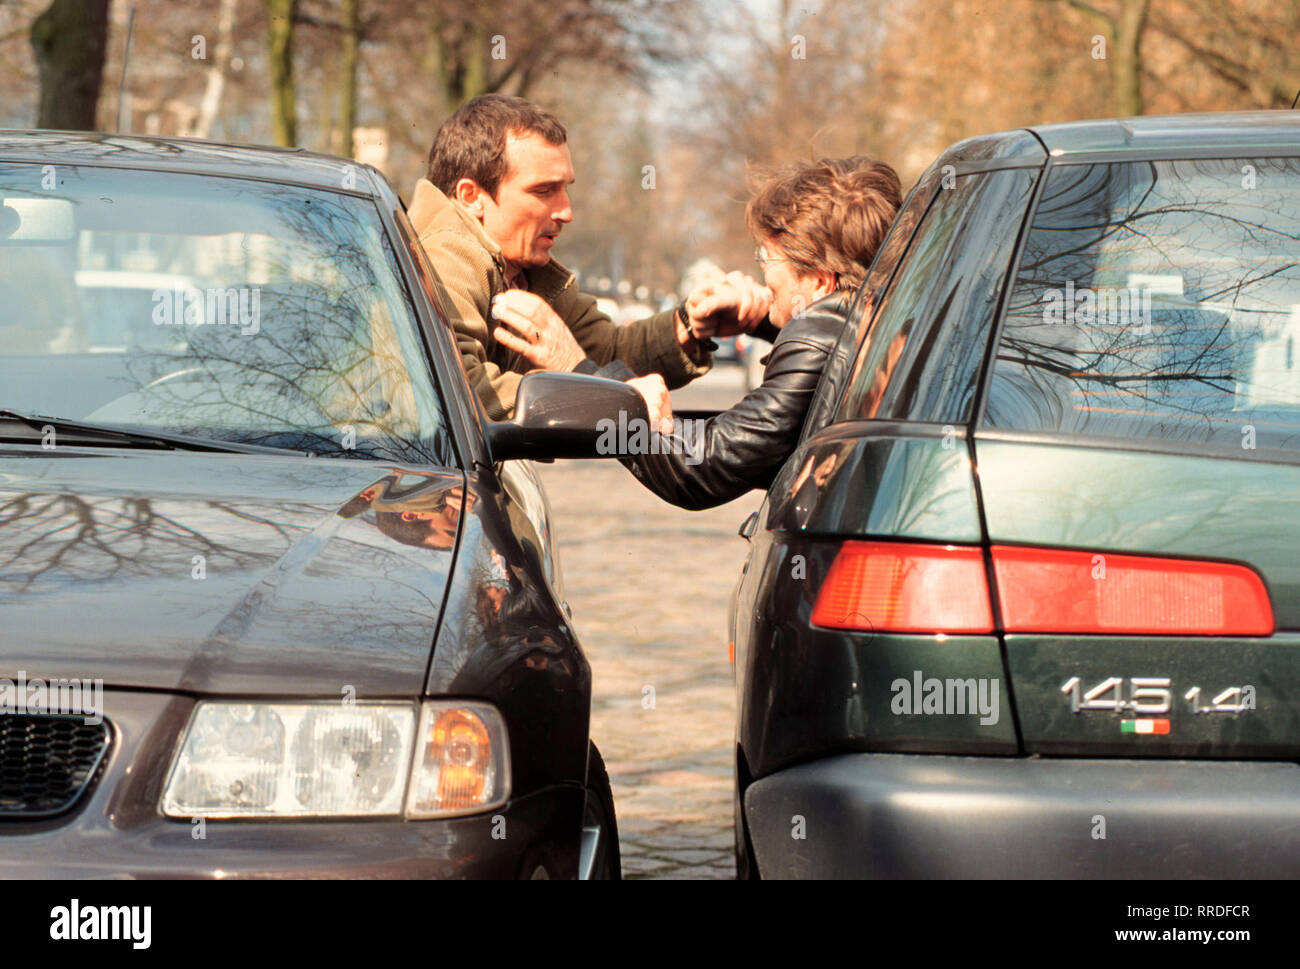 KAMPFPLATZ STRASSE - Stuntman Mike (JEAN-PAUL BELMONDO) ist beruflich wie privat mit der attraktiven Jane (RAQUEL WELCH) liiert. Just am Tag ihrer Hochzeit sollen die beiden noch einen gefährlichen Action-Stunt übernehmen. Und so nimmt das Unglück seinen Lauf .... / Überschrift: KAMPFPLATZ STRASSE - Stock Image